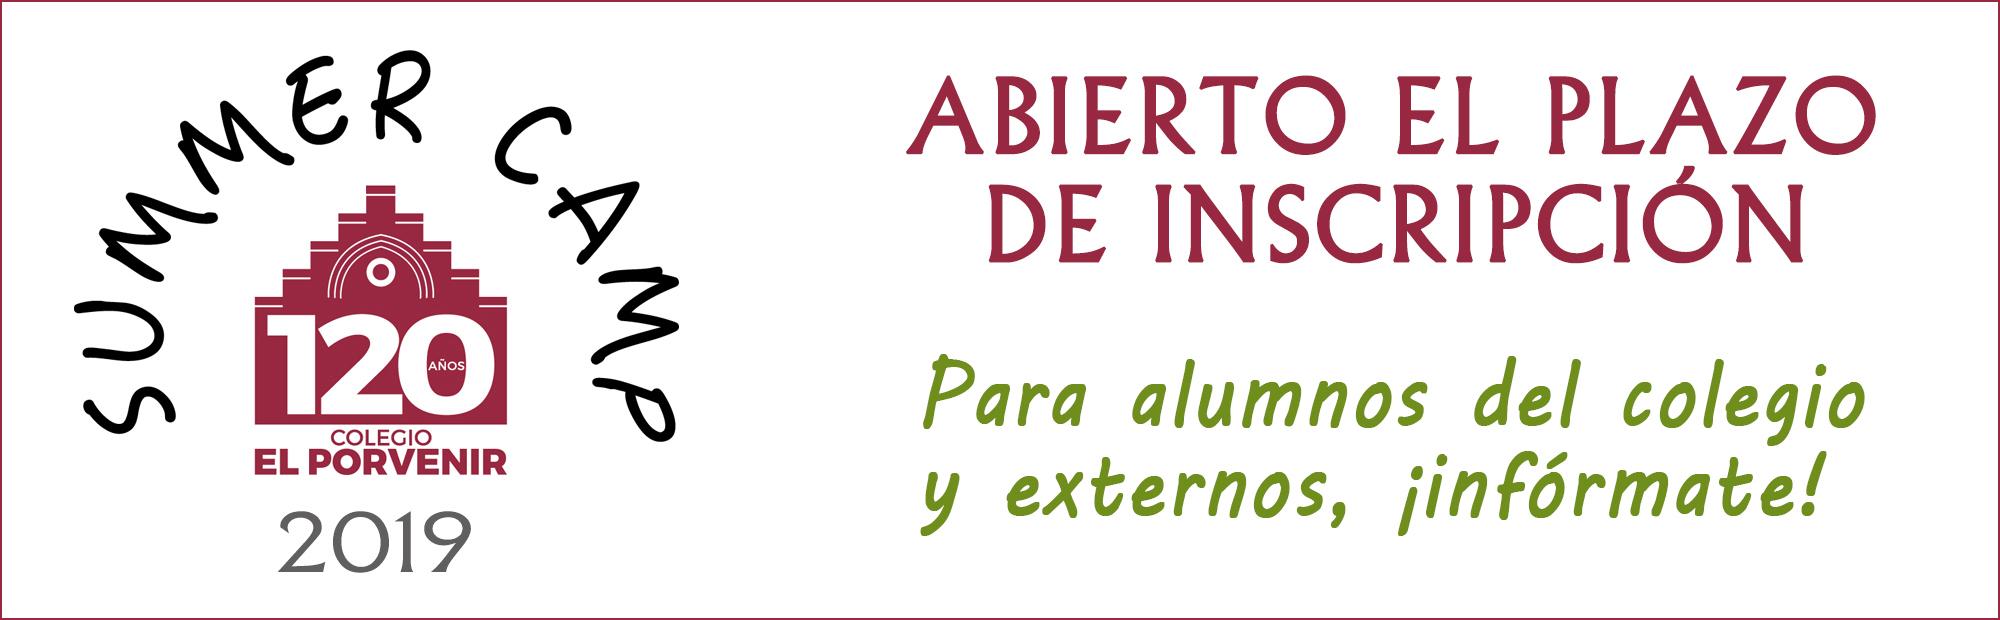 Summer Camp 2019 colegio El Porvenir